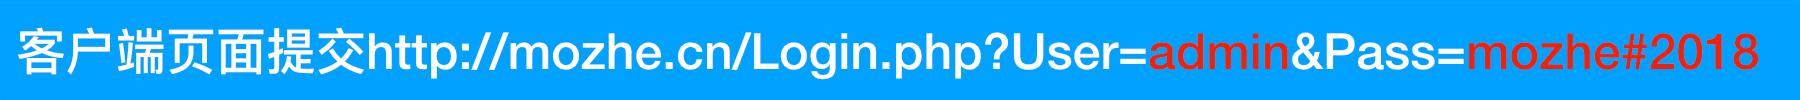 客户端页面提交http://mozhe.cn/Login.php?User=admin&Pass=mozhe#2018